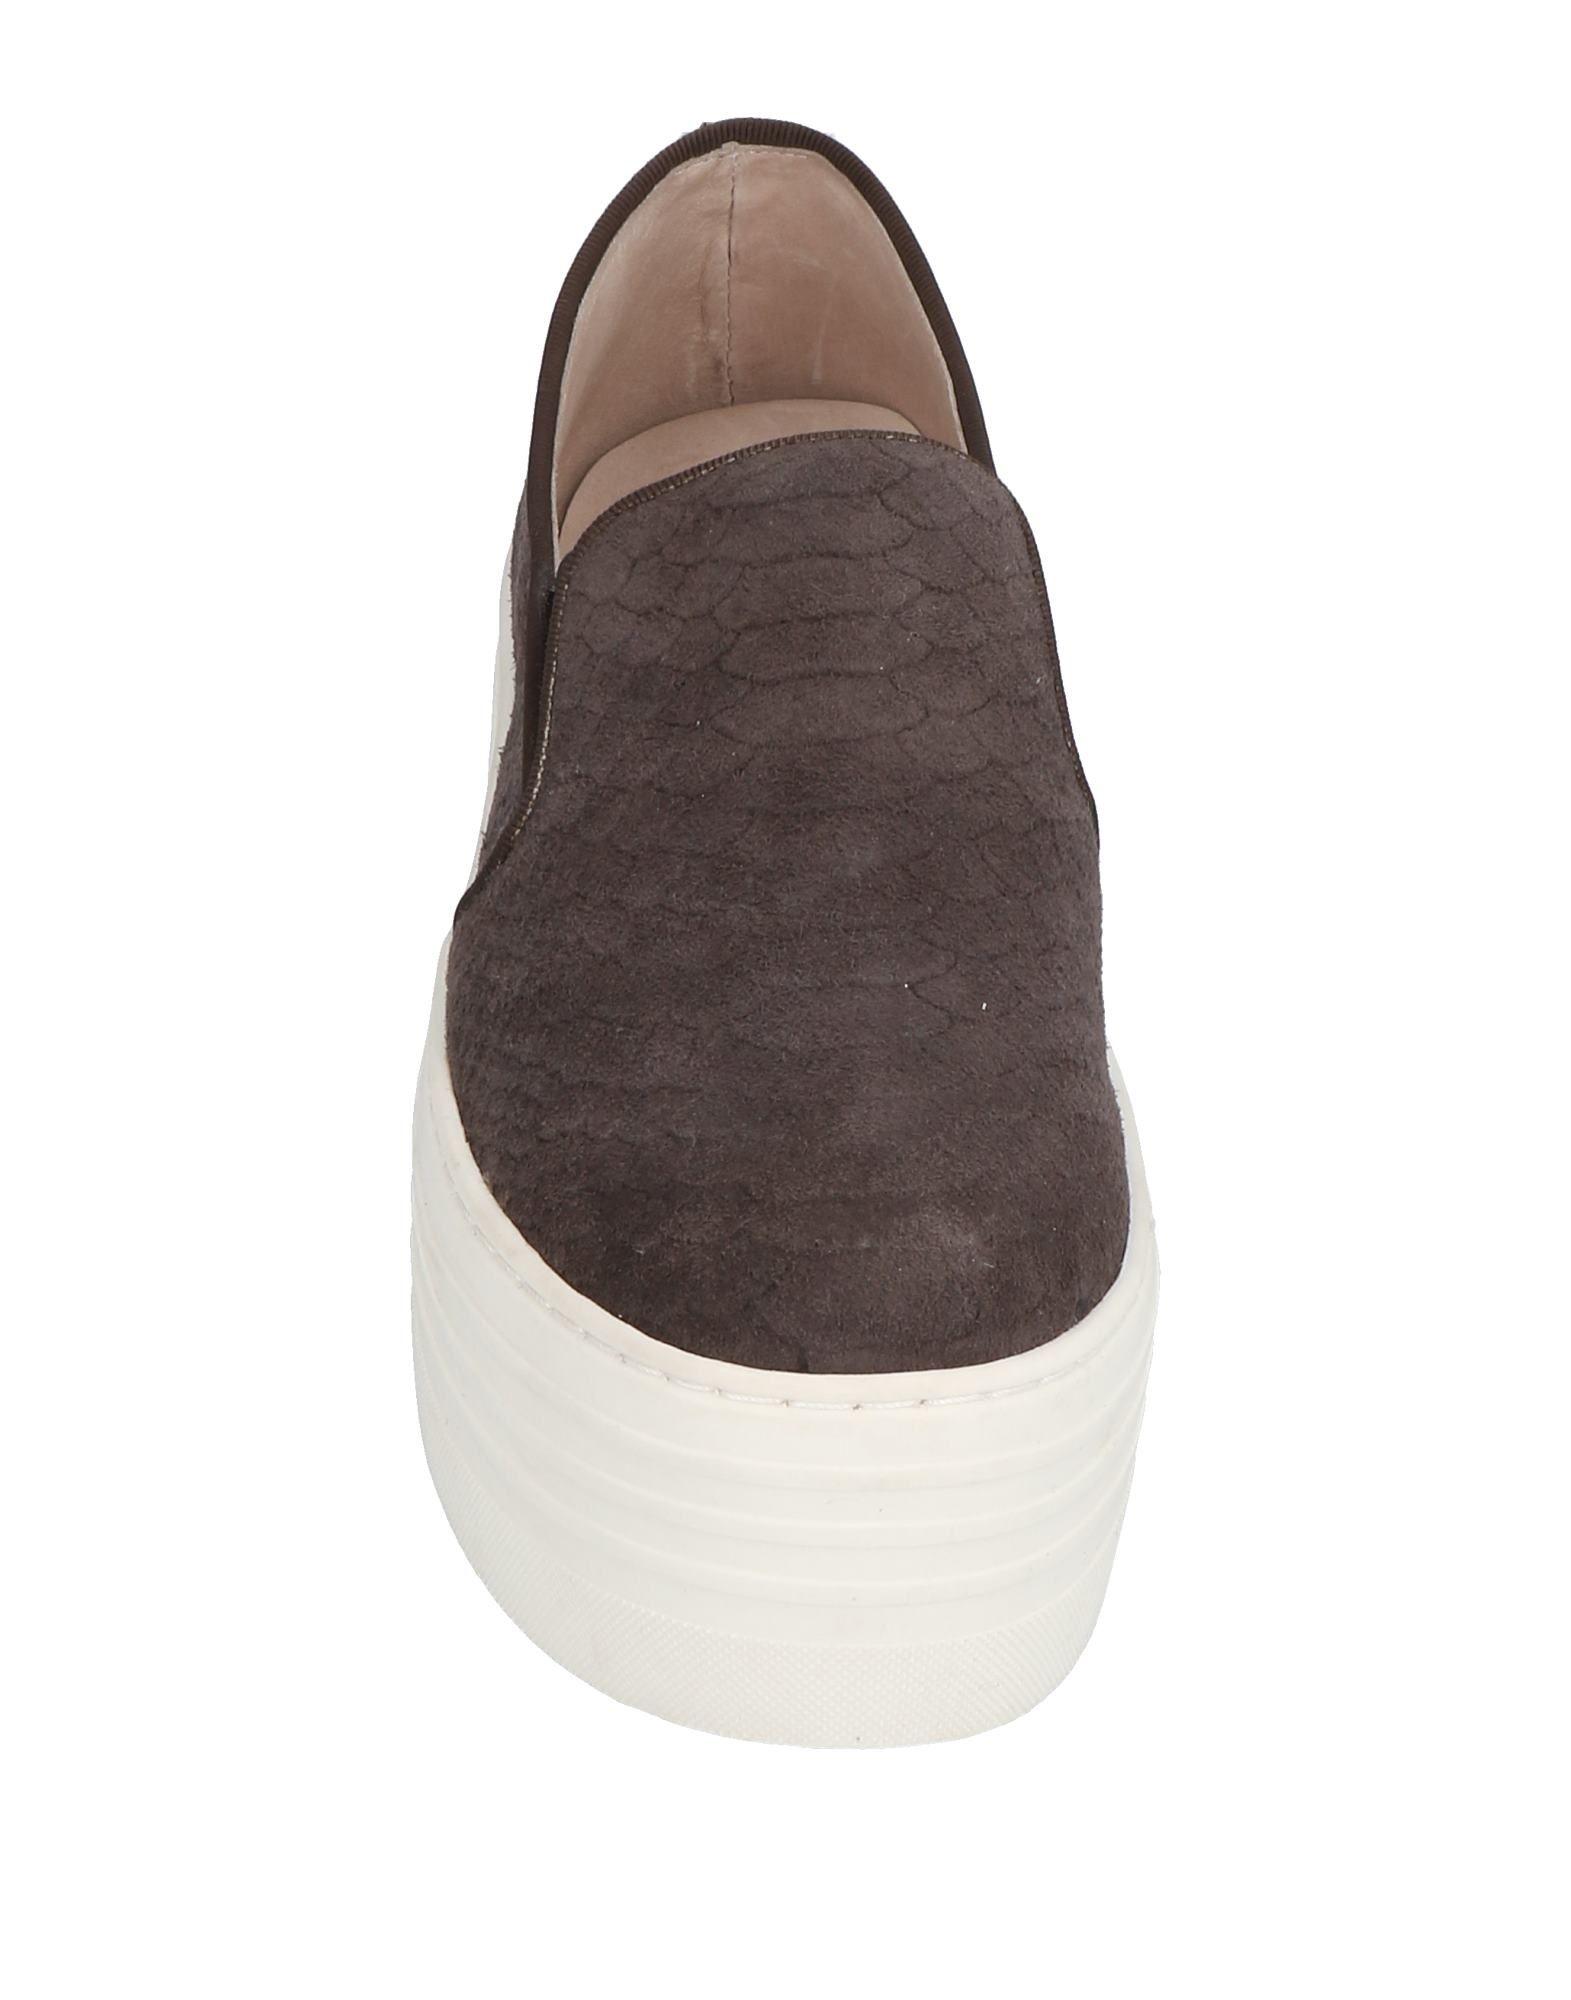 Steve Madden Damen Sneakers Damen Madden  11480478VA  567553